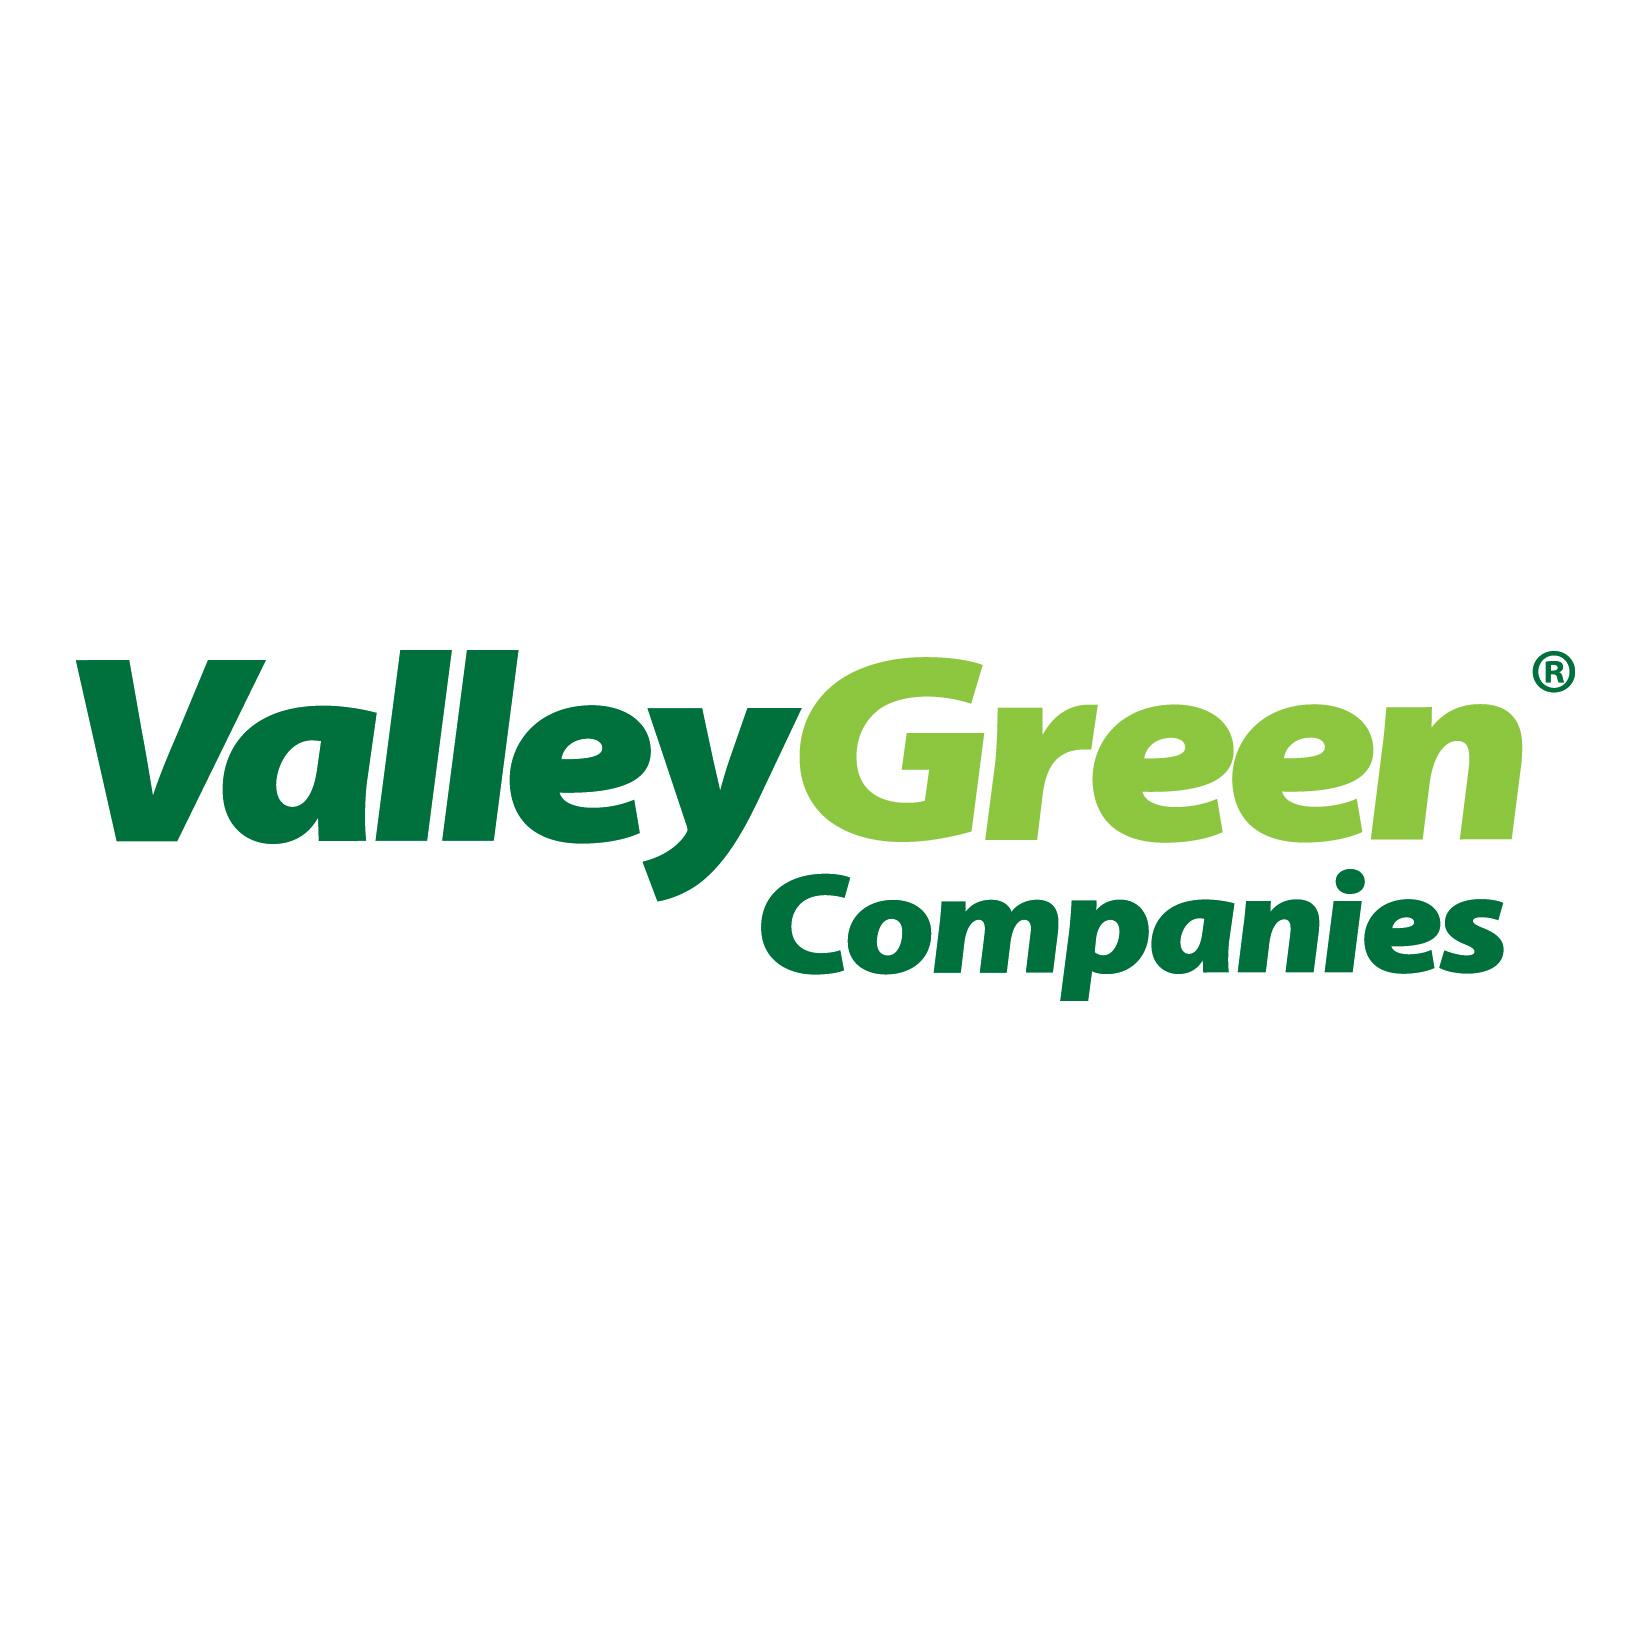 Valley Green Companies - Sauk Rapids, MN - Garden Centers